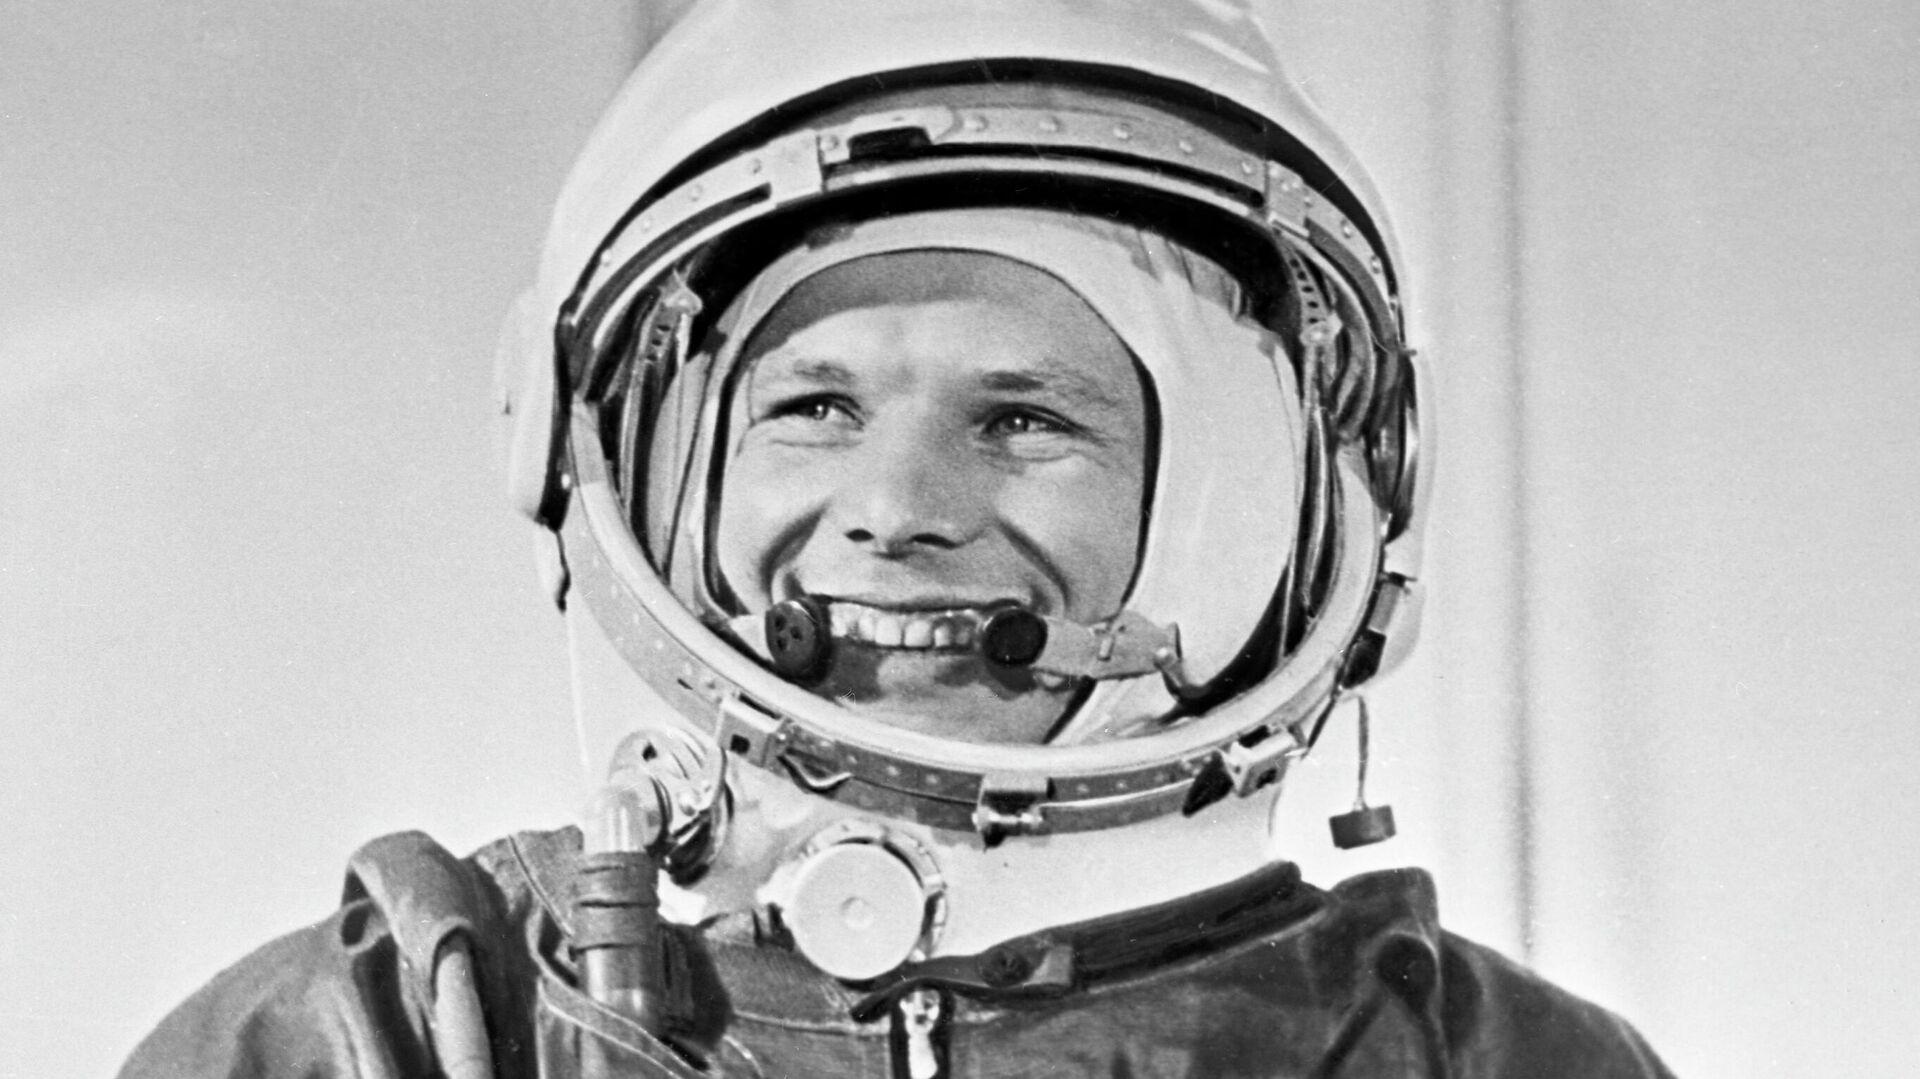 El cosmonauta soviético Yuri Gagarin con su traje espacial antes del histórico lanzamiento de la nave espacial Vostok-1 desde el cosmódromo de Baikonur el 12 de abril de 1961 - Sputnik Mundo, 1920, 13.04.2021